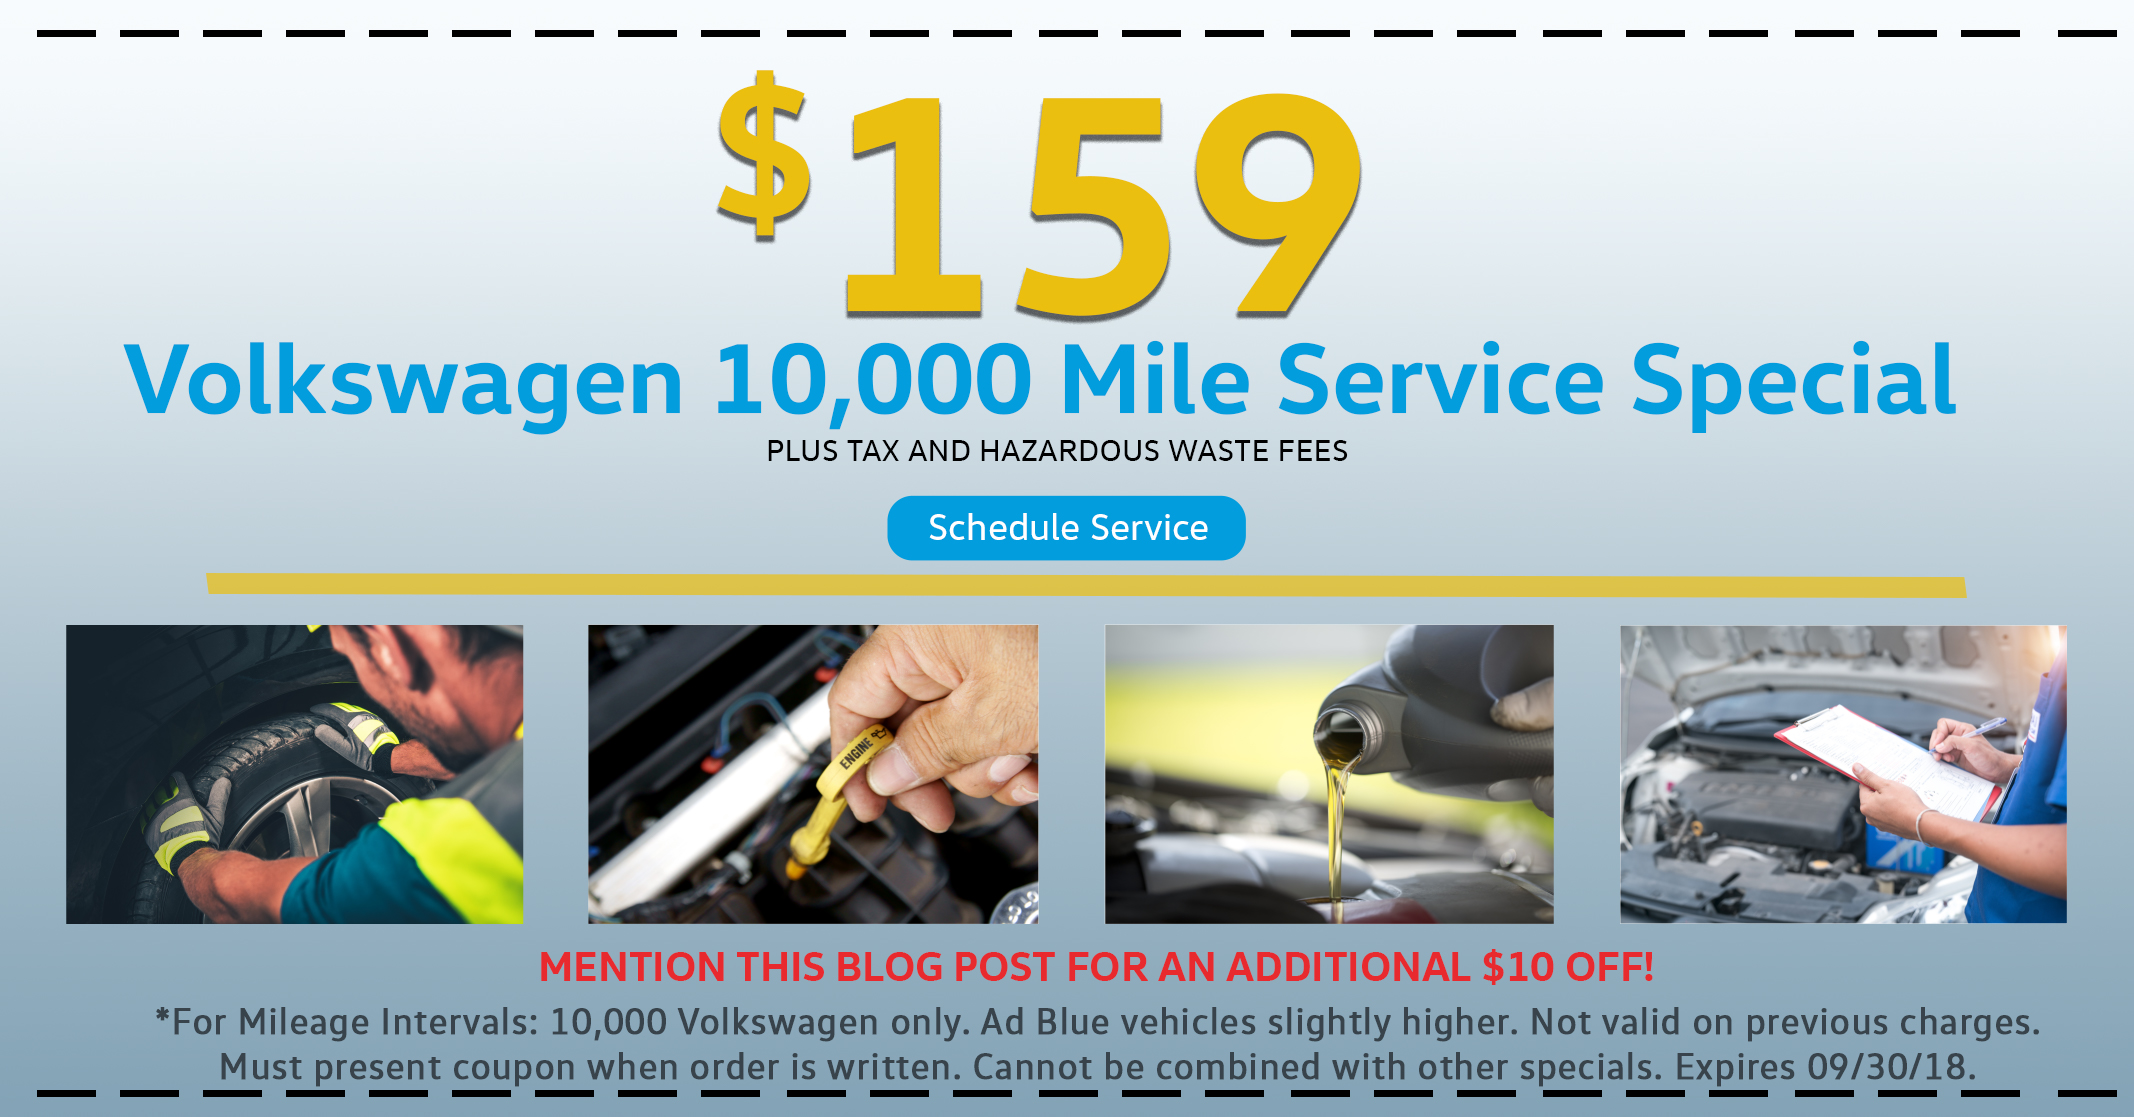 Volkswagen 10,000 Mile Service